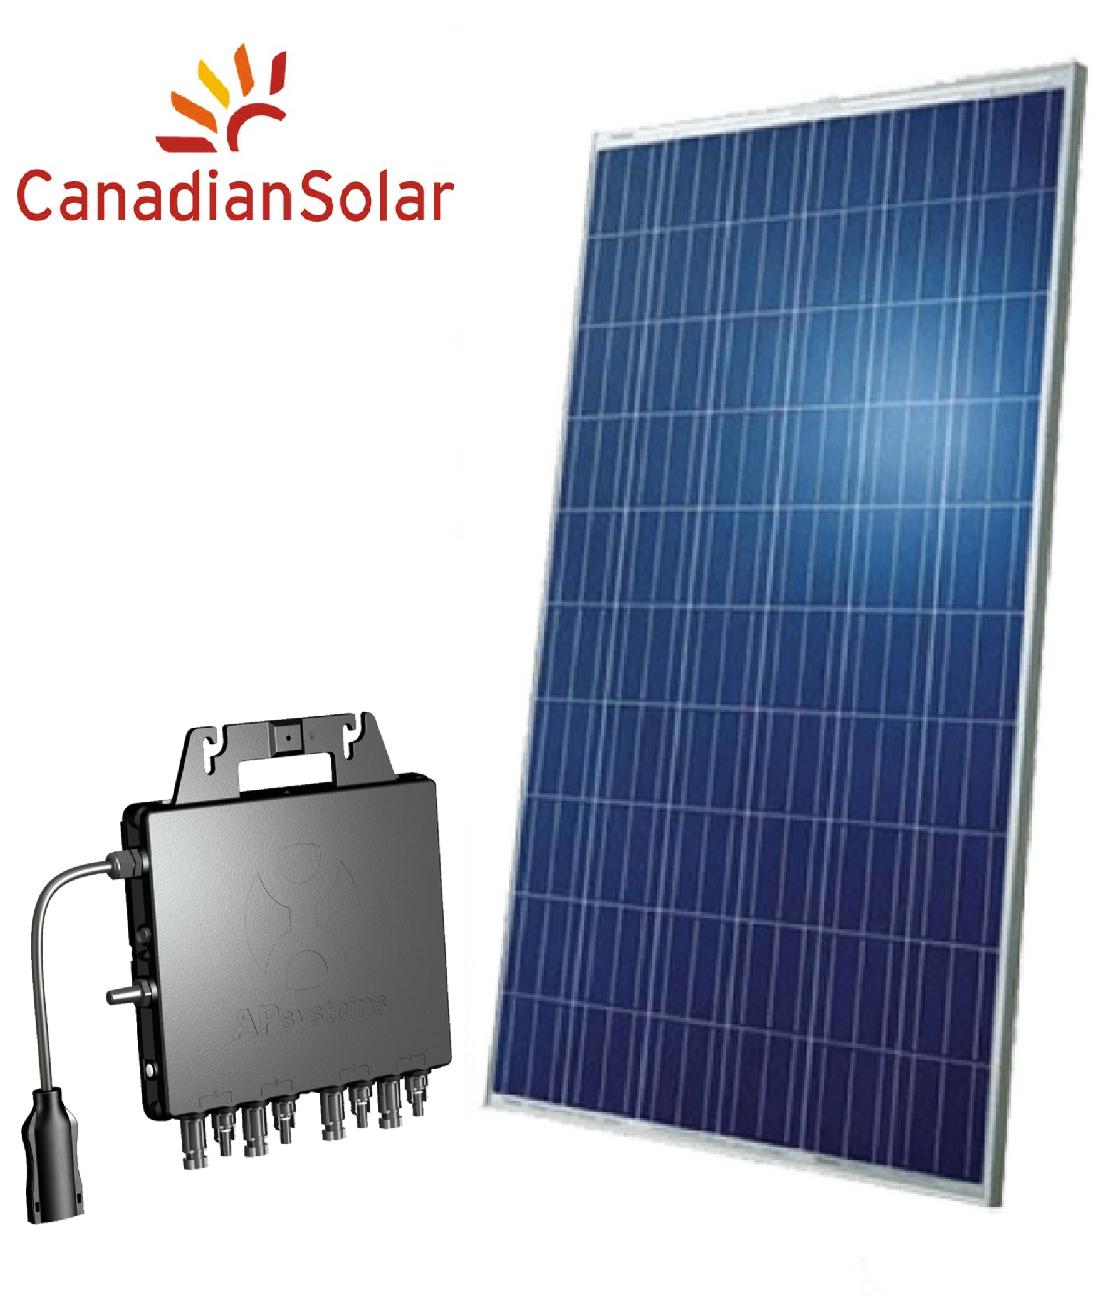 Kit Gerador de Energia Solar 1,32 kWp QS1 (220V) – Produção de até 148 kWh/mês*